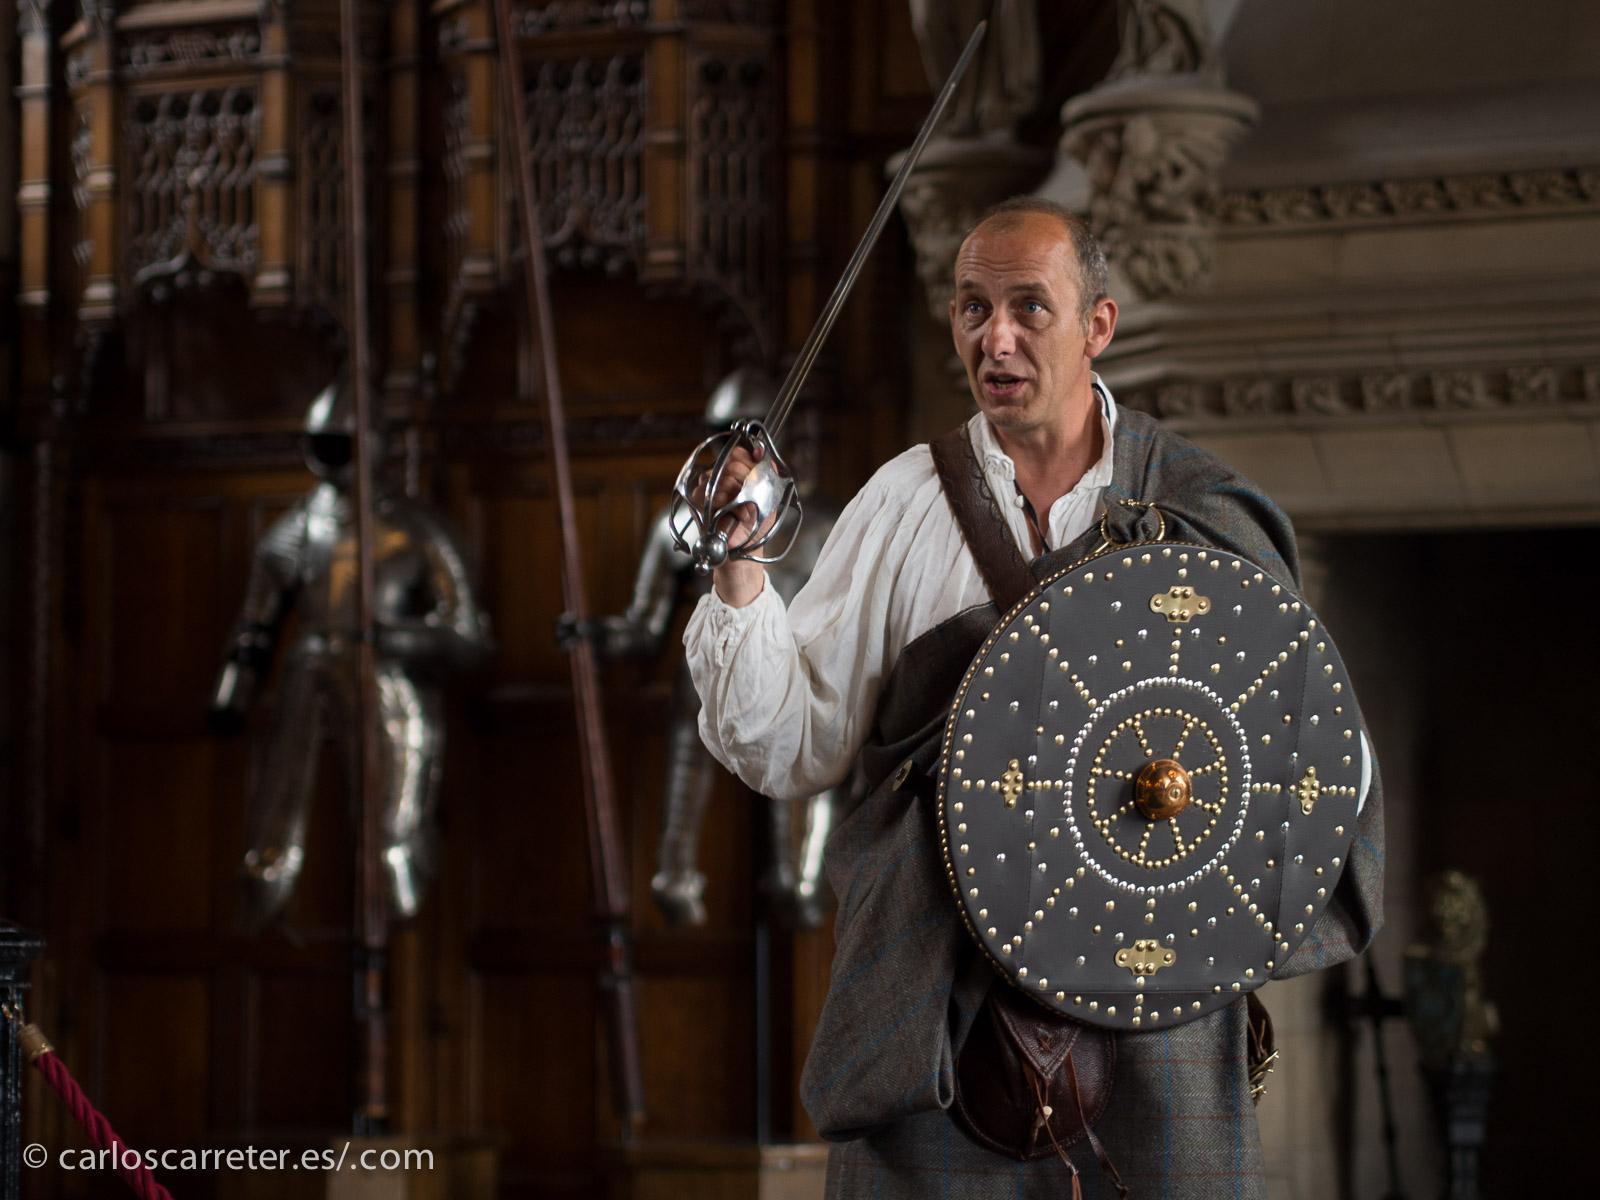 Escocia, siempre guerreros como este escocés en el castillo de Edimburgo.